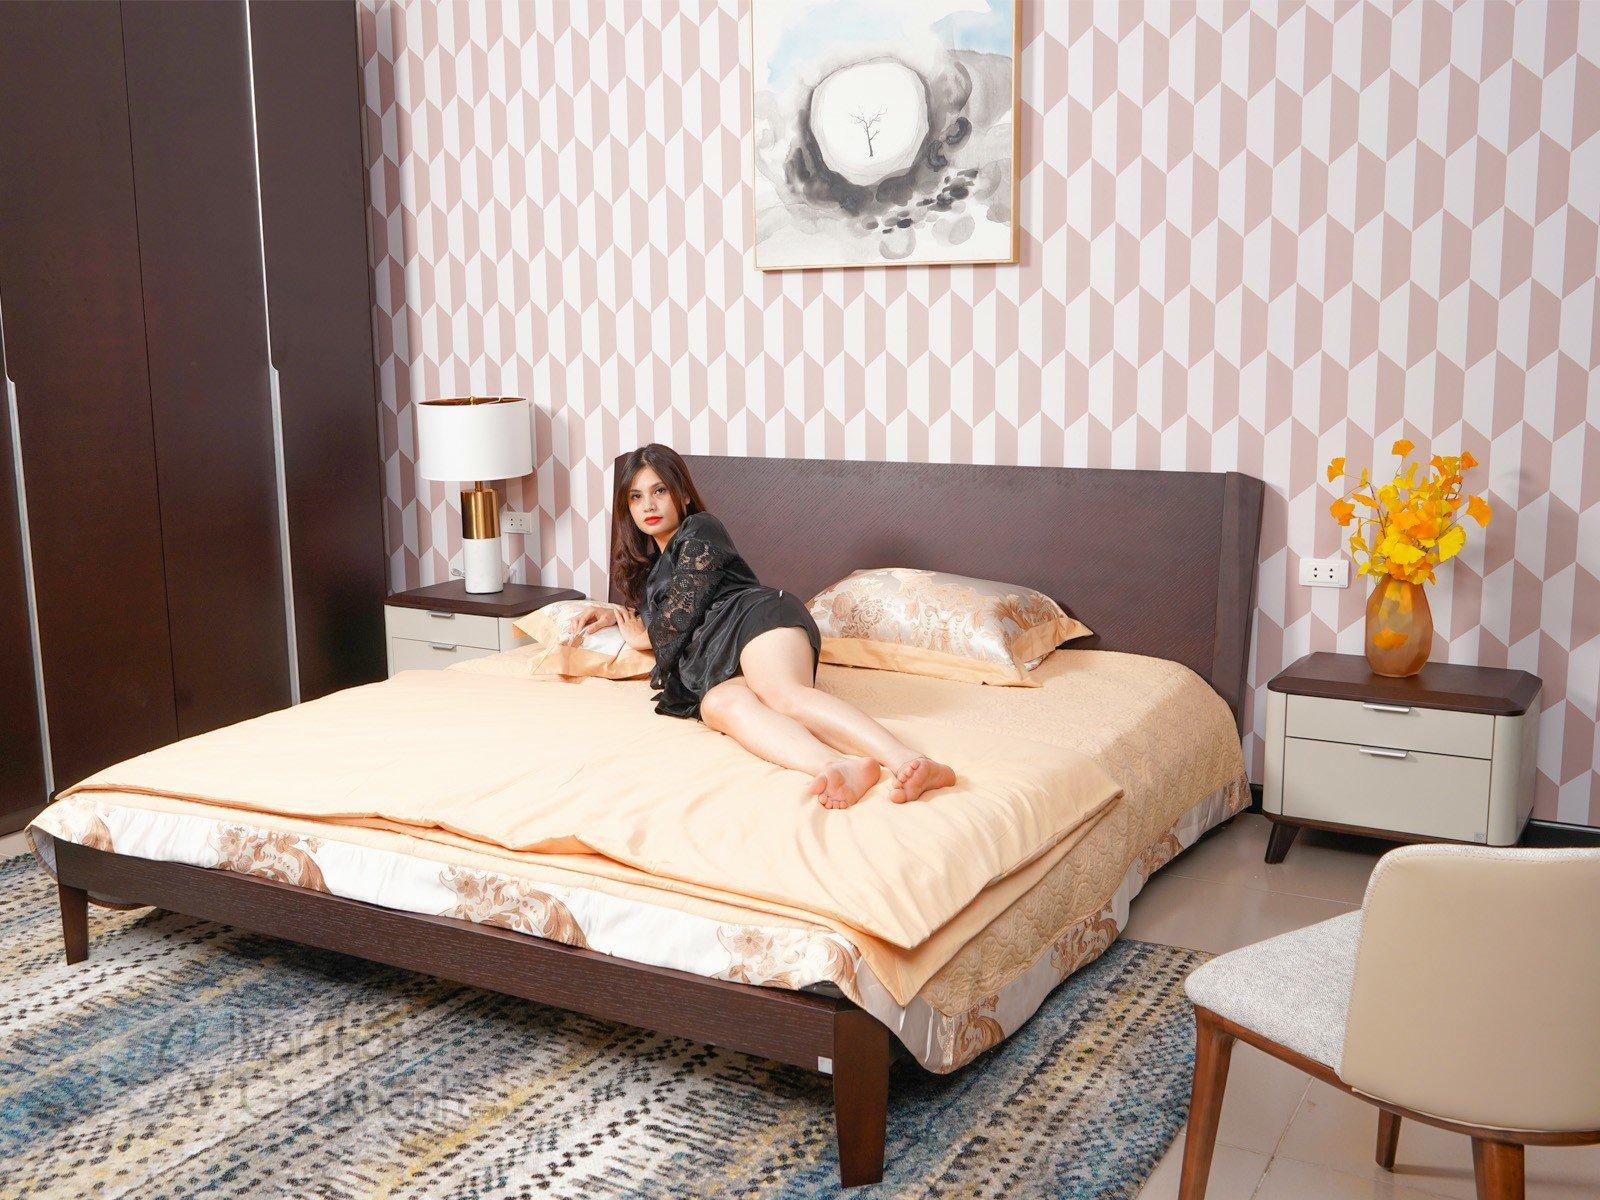 Giường Ngủ 1M8 Hiện Đại Gỗ Tự Nhiên Sang Trọng Gi1806-18